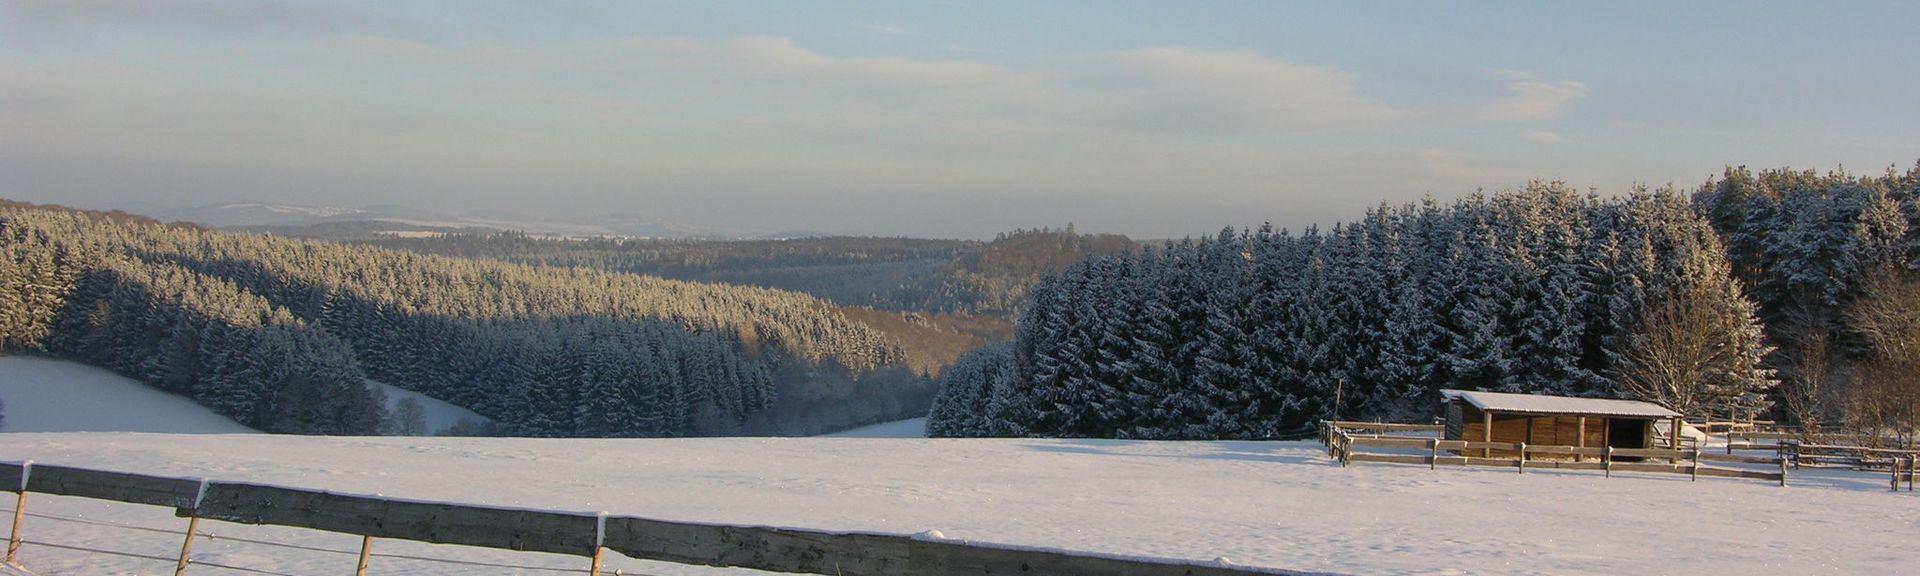 Hillesheim, Vulkaneifel, Renânia-Palatinado, Alemanha